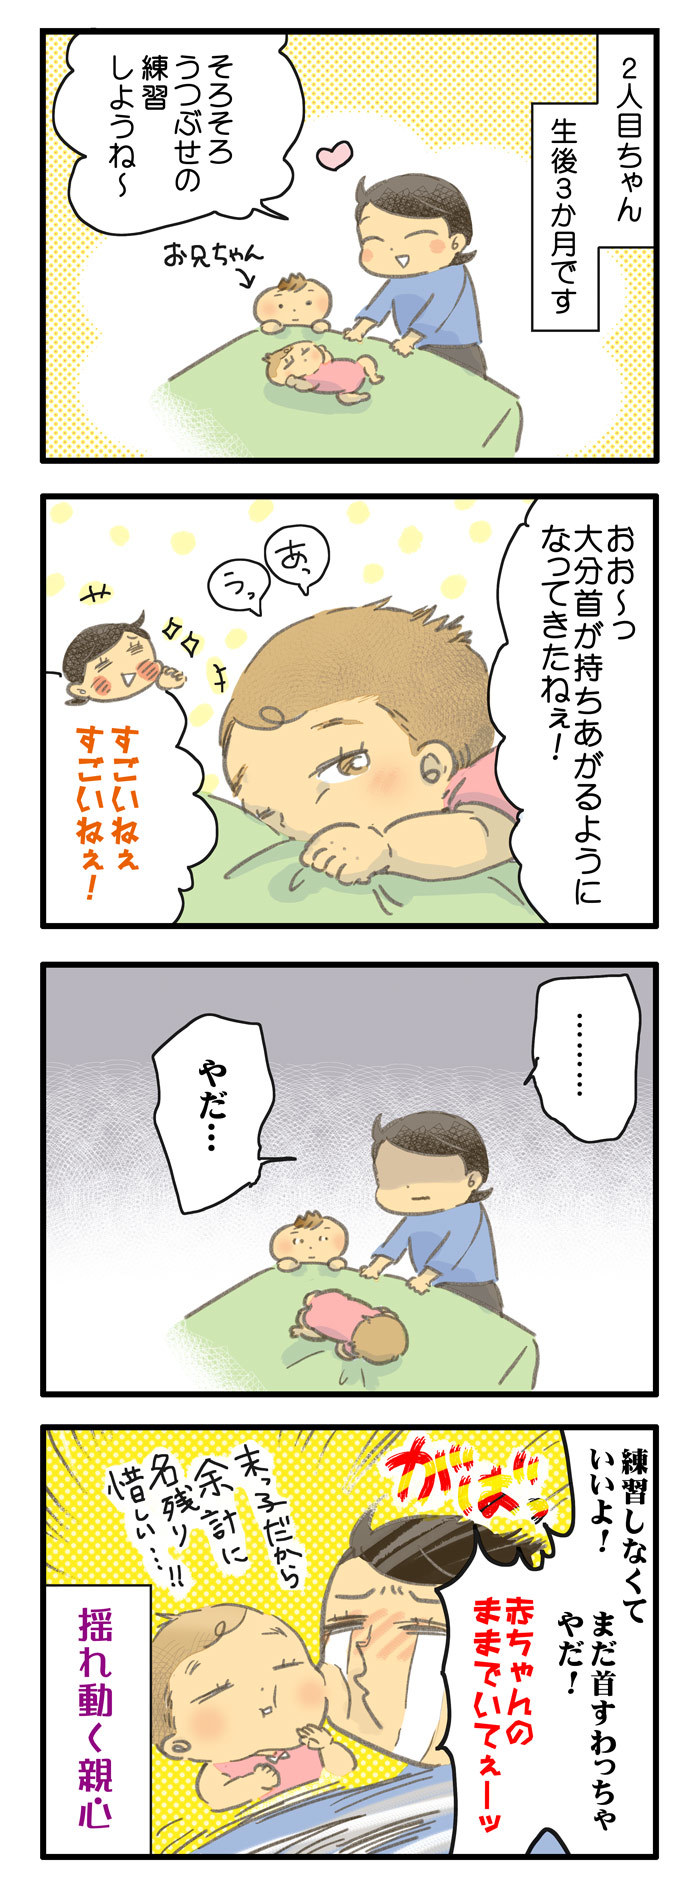 「お願い、赤ちゃんのままでいて〜!」2人目育児で揺れる親心の画像1